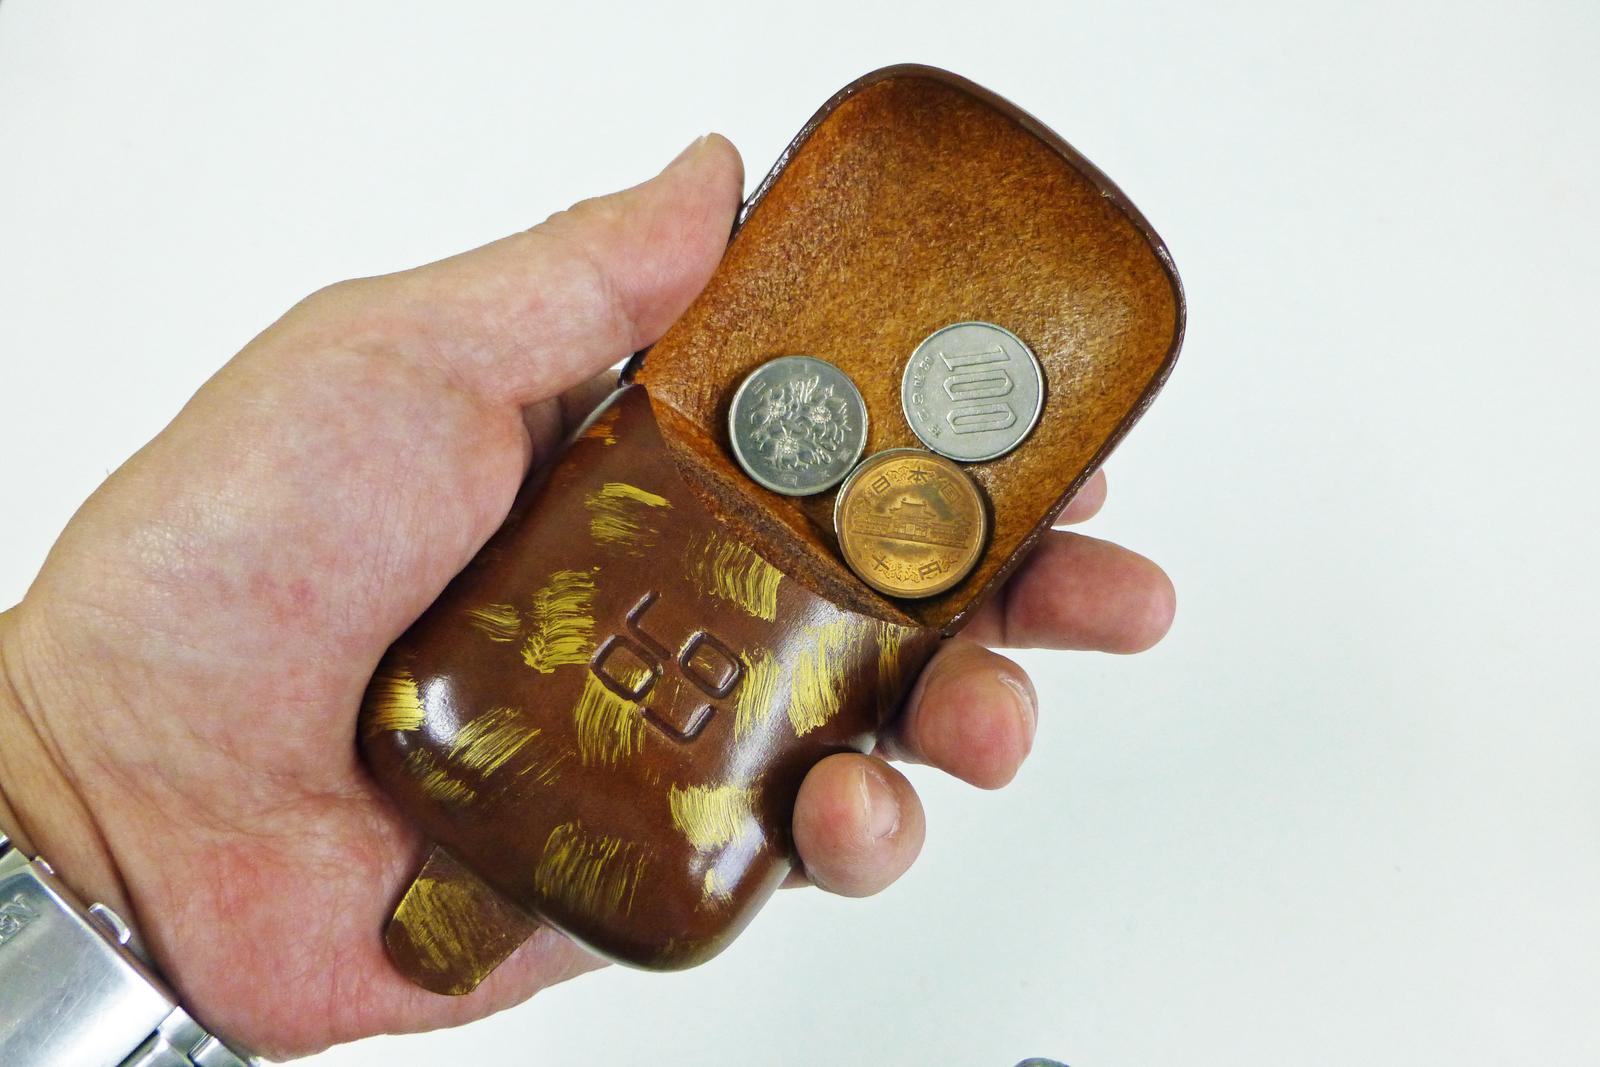 『1年保証』 スペインの職人による曲線が美しいコインケース LOLOコインケース 贈り物 スクエア スペイン製 本牛革 柄